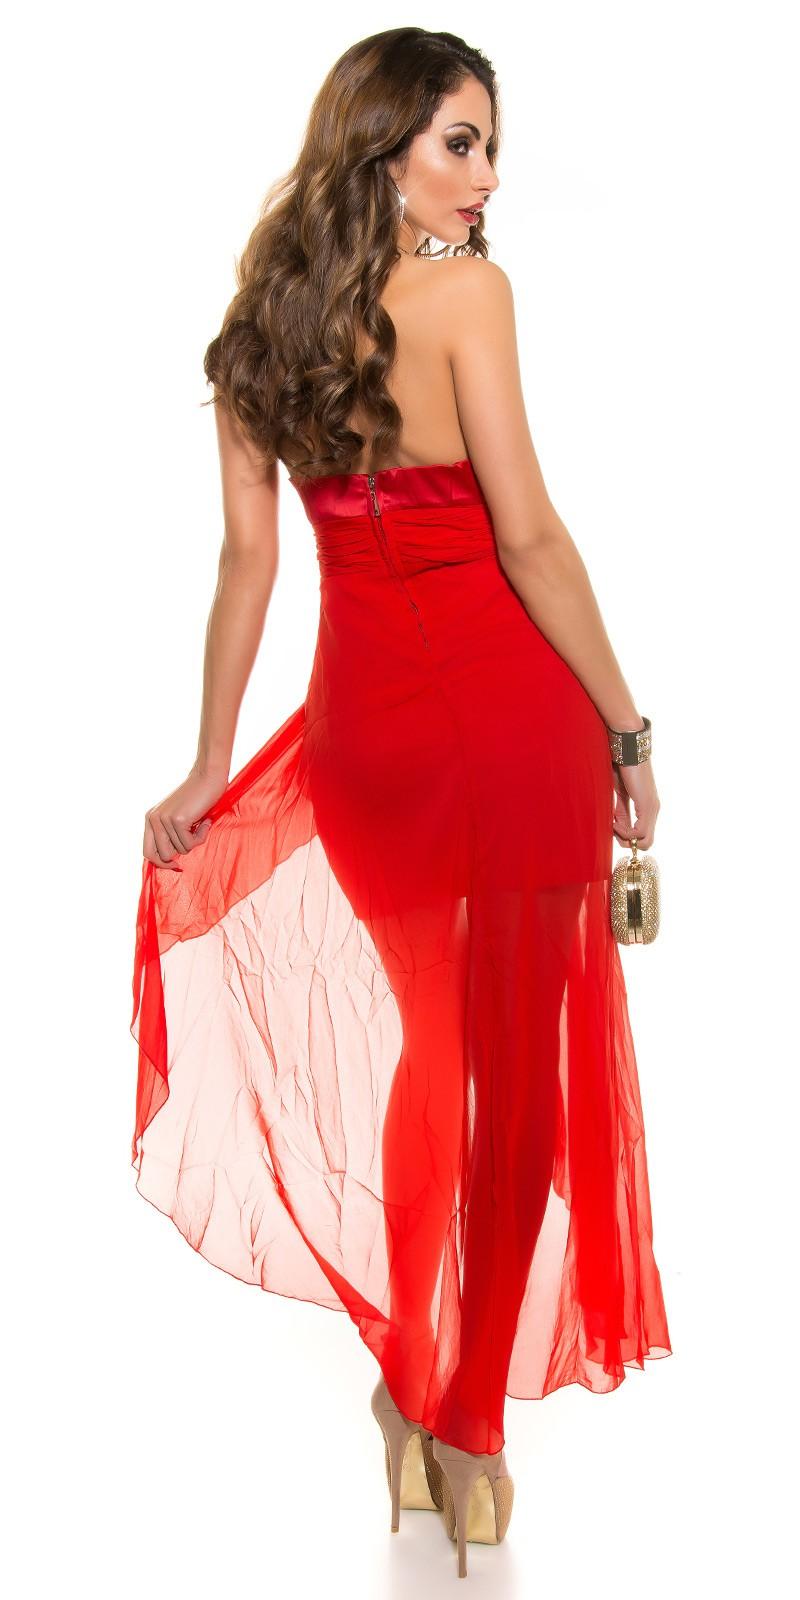 AL020 Abito da cerimonia lungo elegante da matrimonio rosso abito da sera 9b9cd95788a